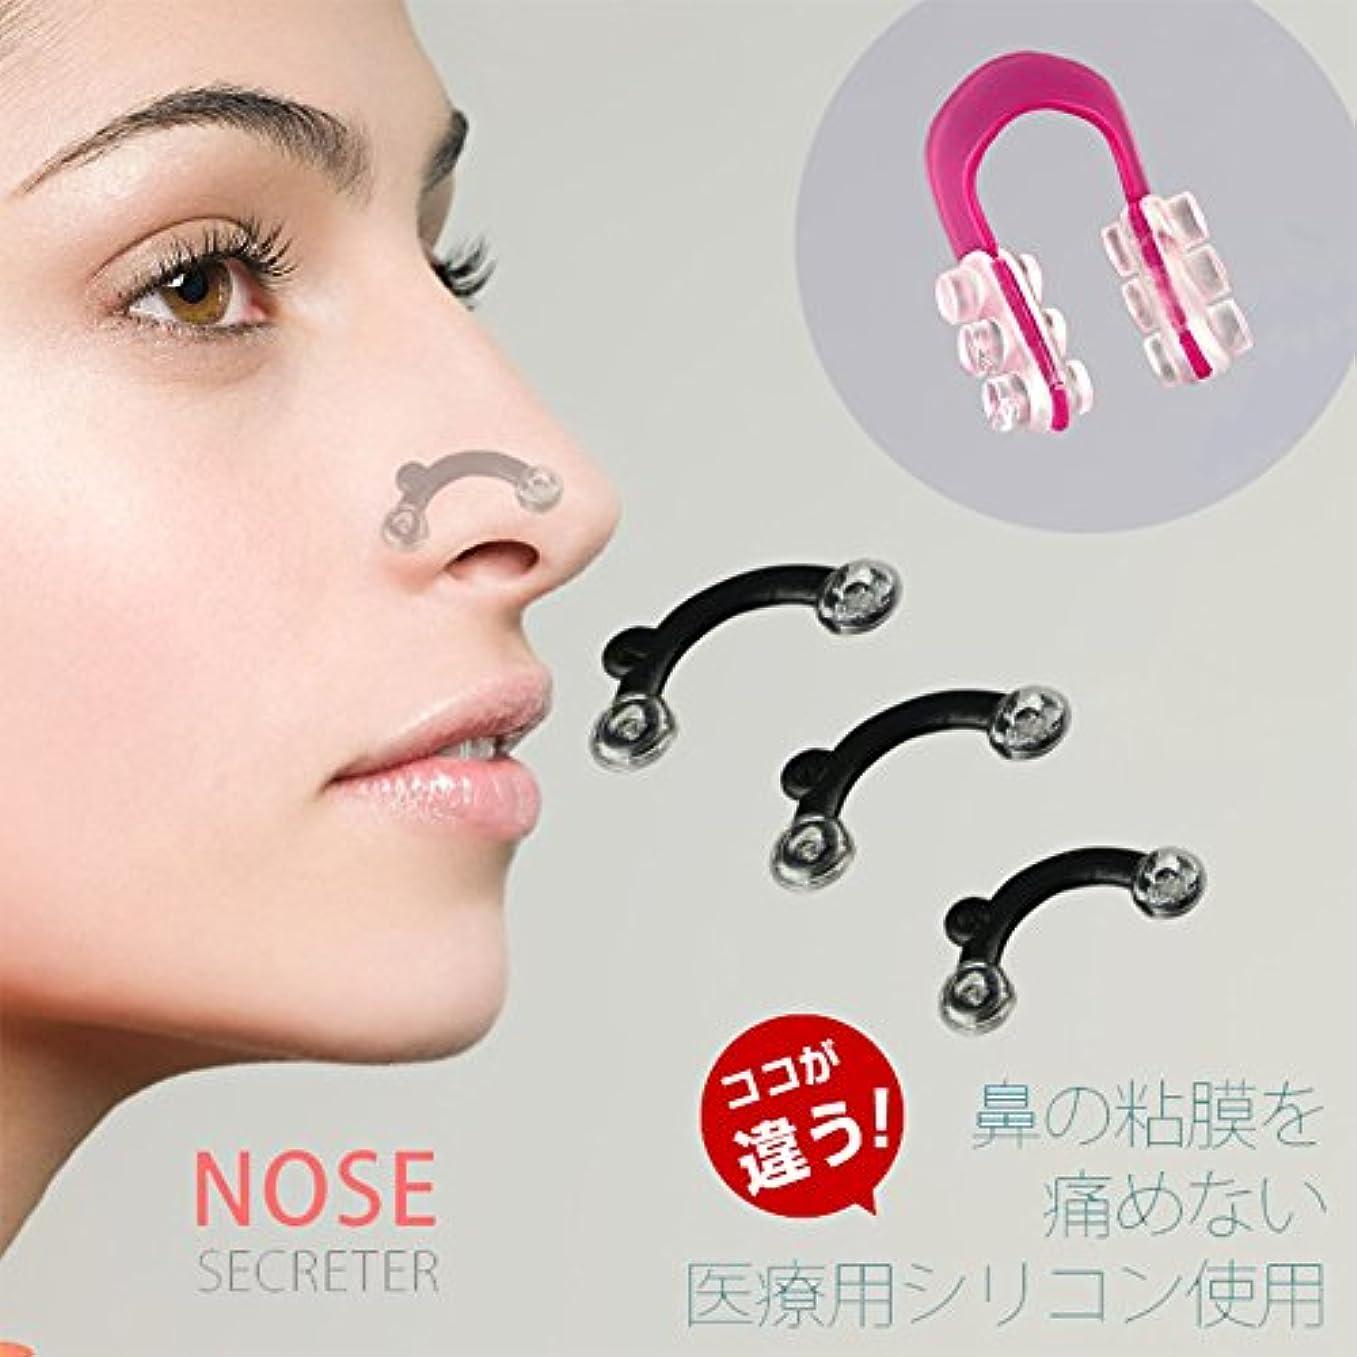 ラジカル切り離す輝くMR 4点セット 小顔効果 ノーズチャーム プチ整形 3サイズ コスメ 韓国 ファッション MR-NOSECHARM